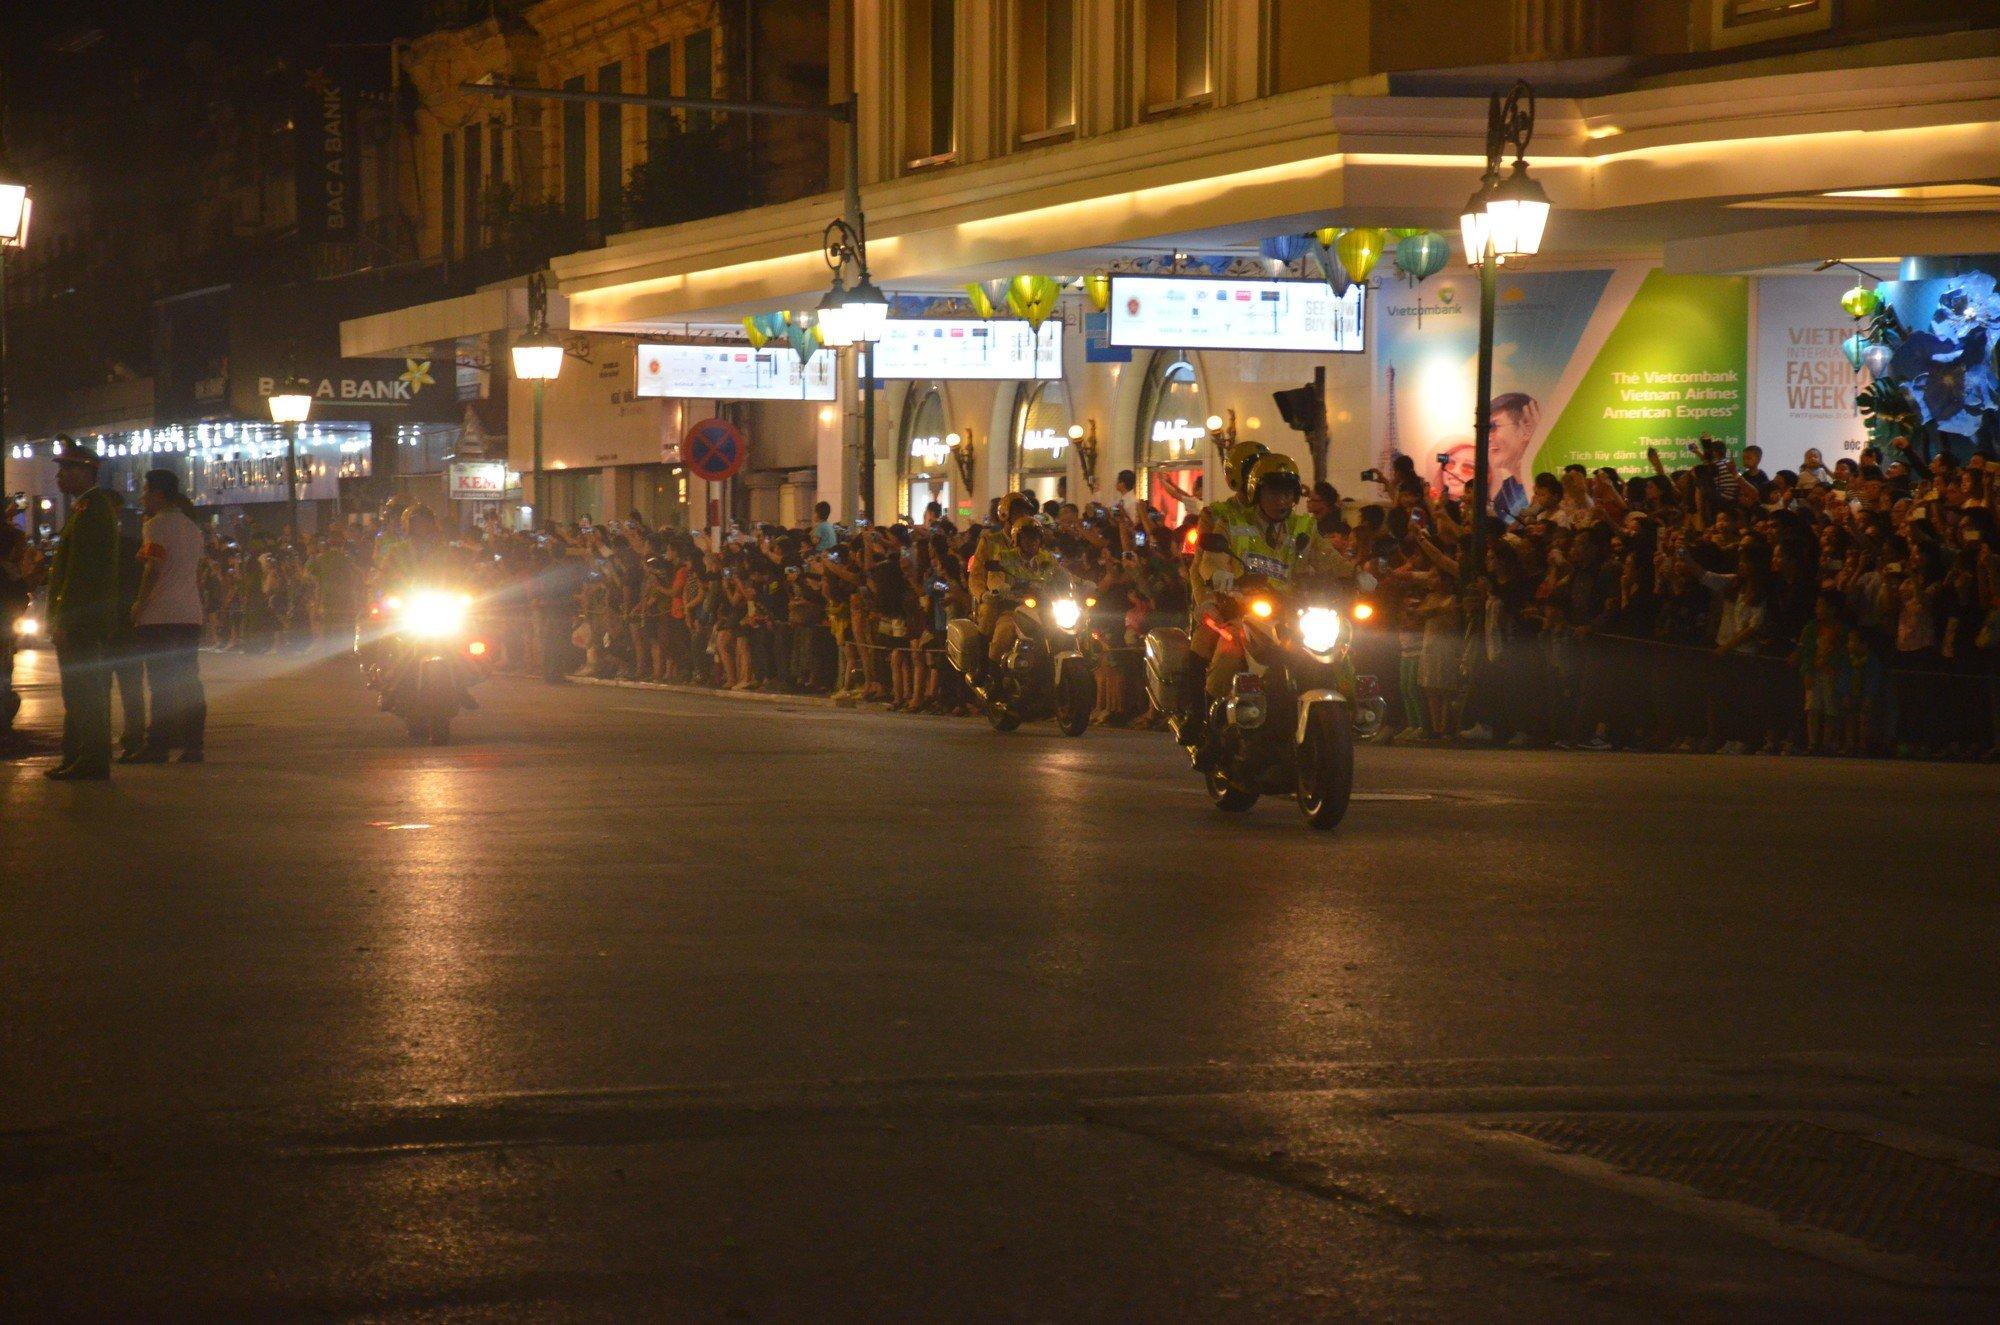 Nhiều cô dâu, chú rể bỏ chụp ảnh cưới để xem đoàn xe Tổng thống Donald Trump chạy trên phố Hà Nội 9